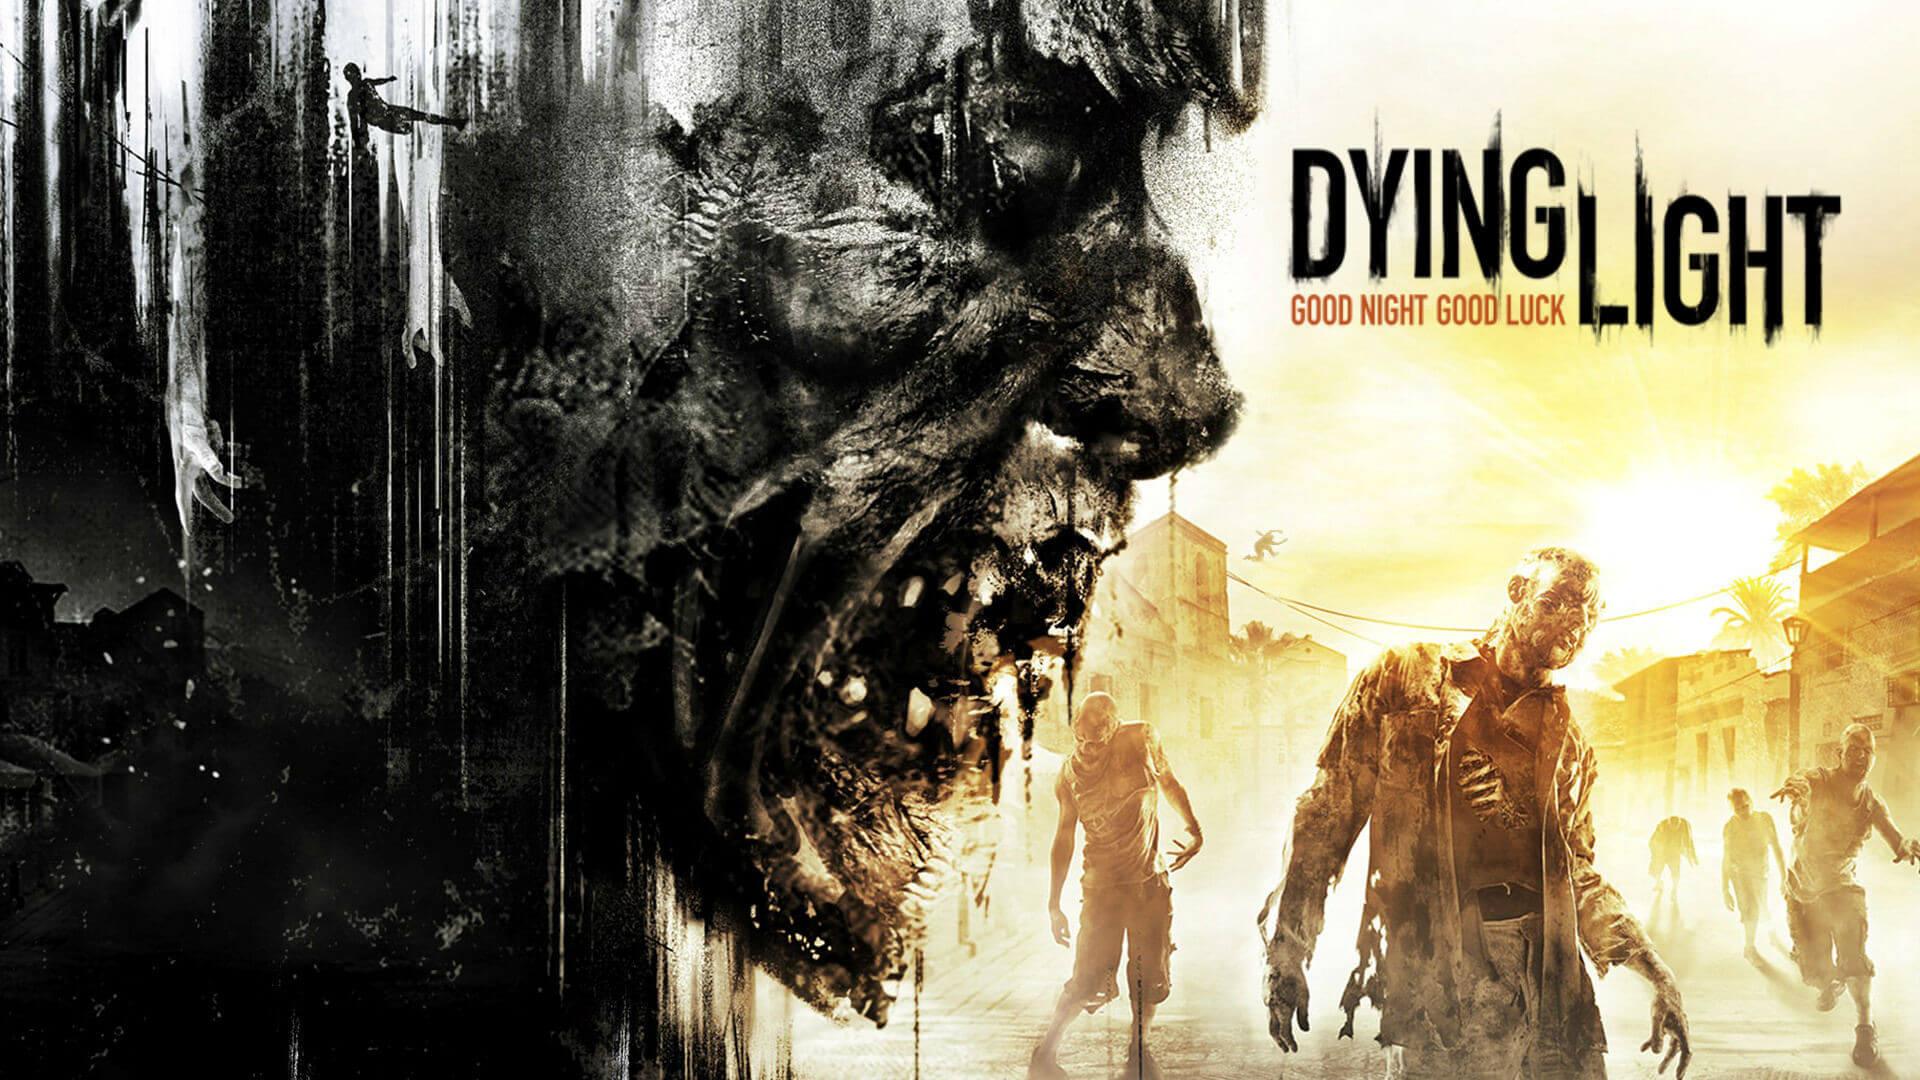 Dying Lightのボックスアート。